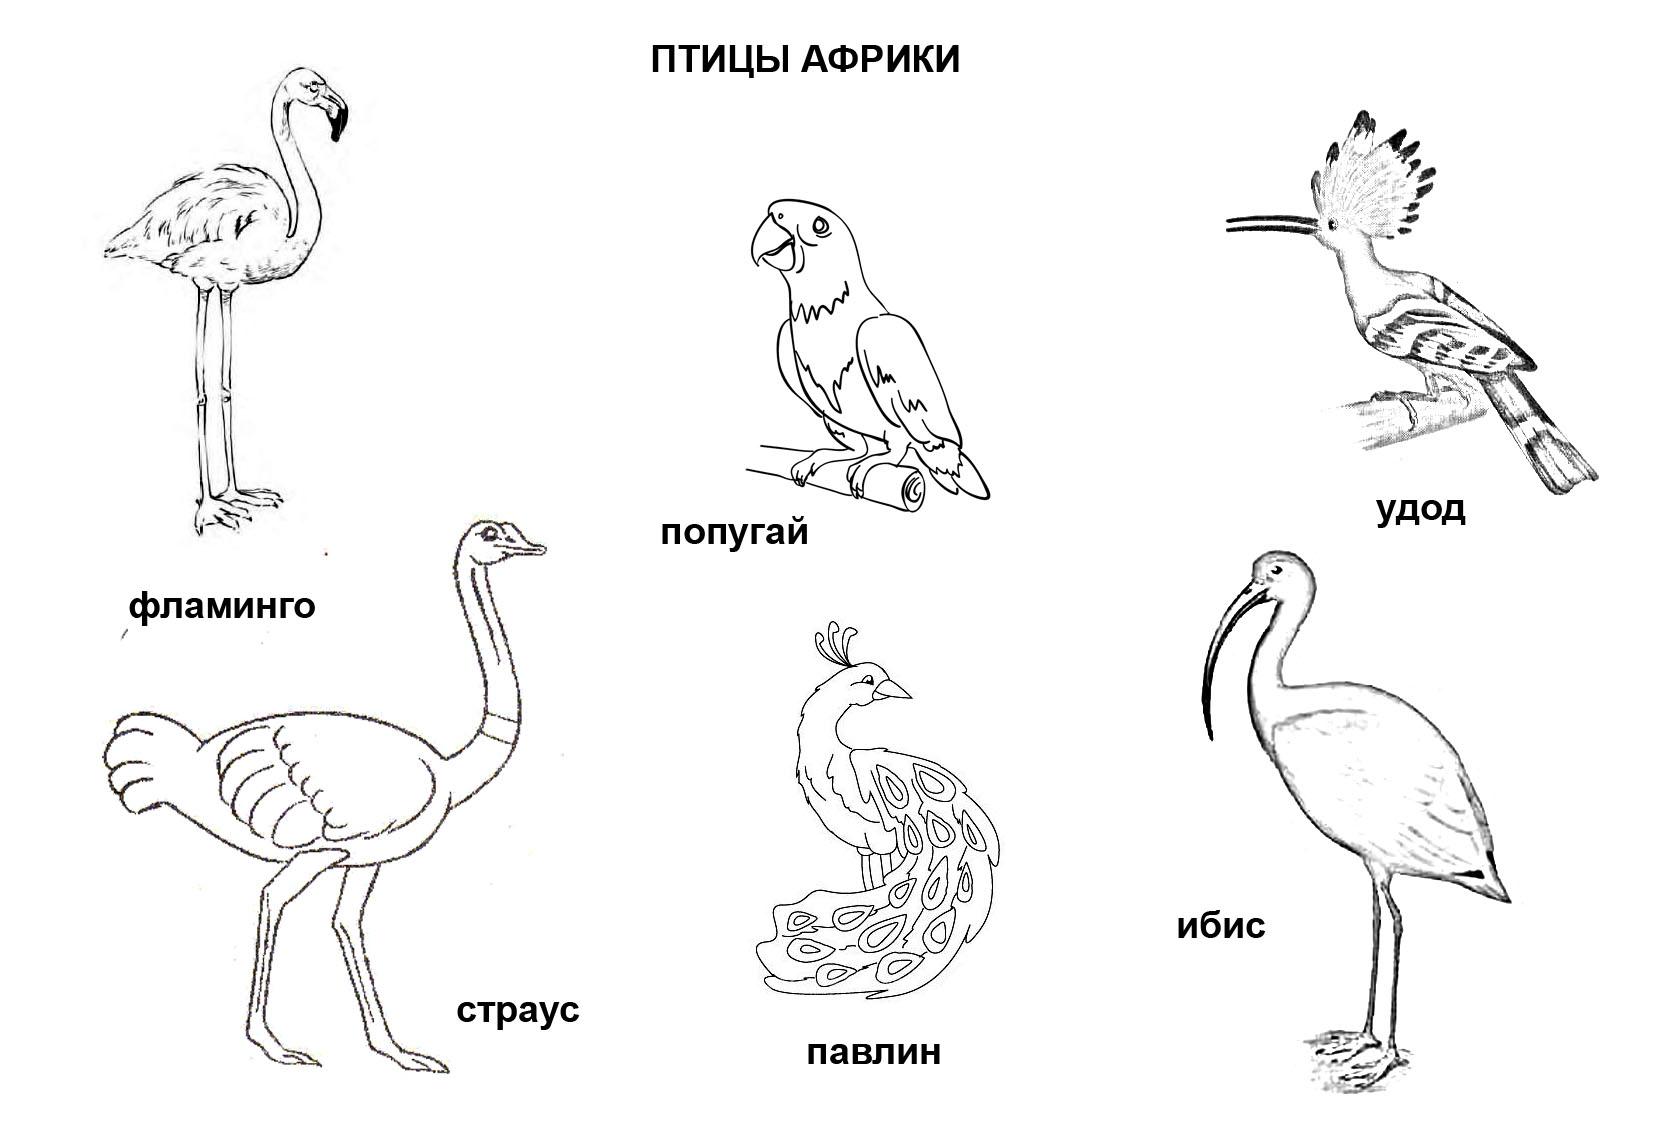 Птицы и животные раскраски детские: Раскраска «Птицы Африки»